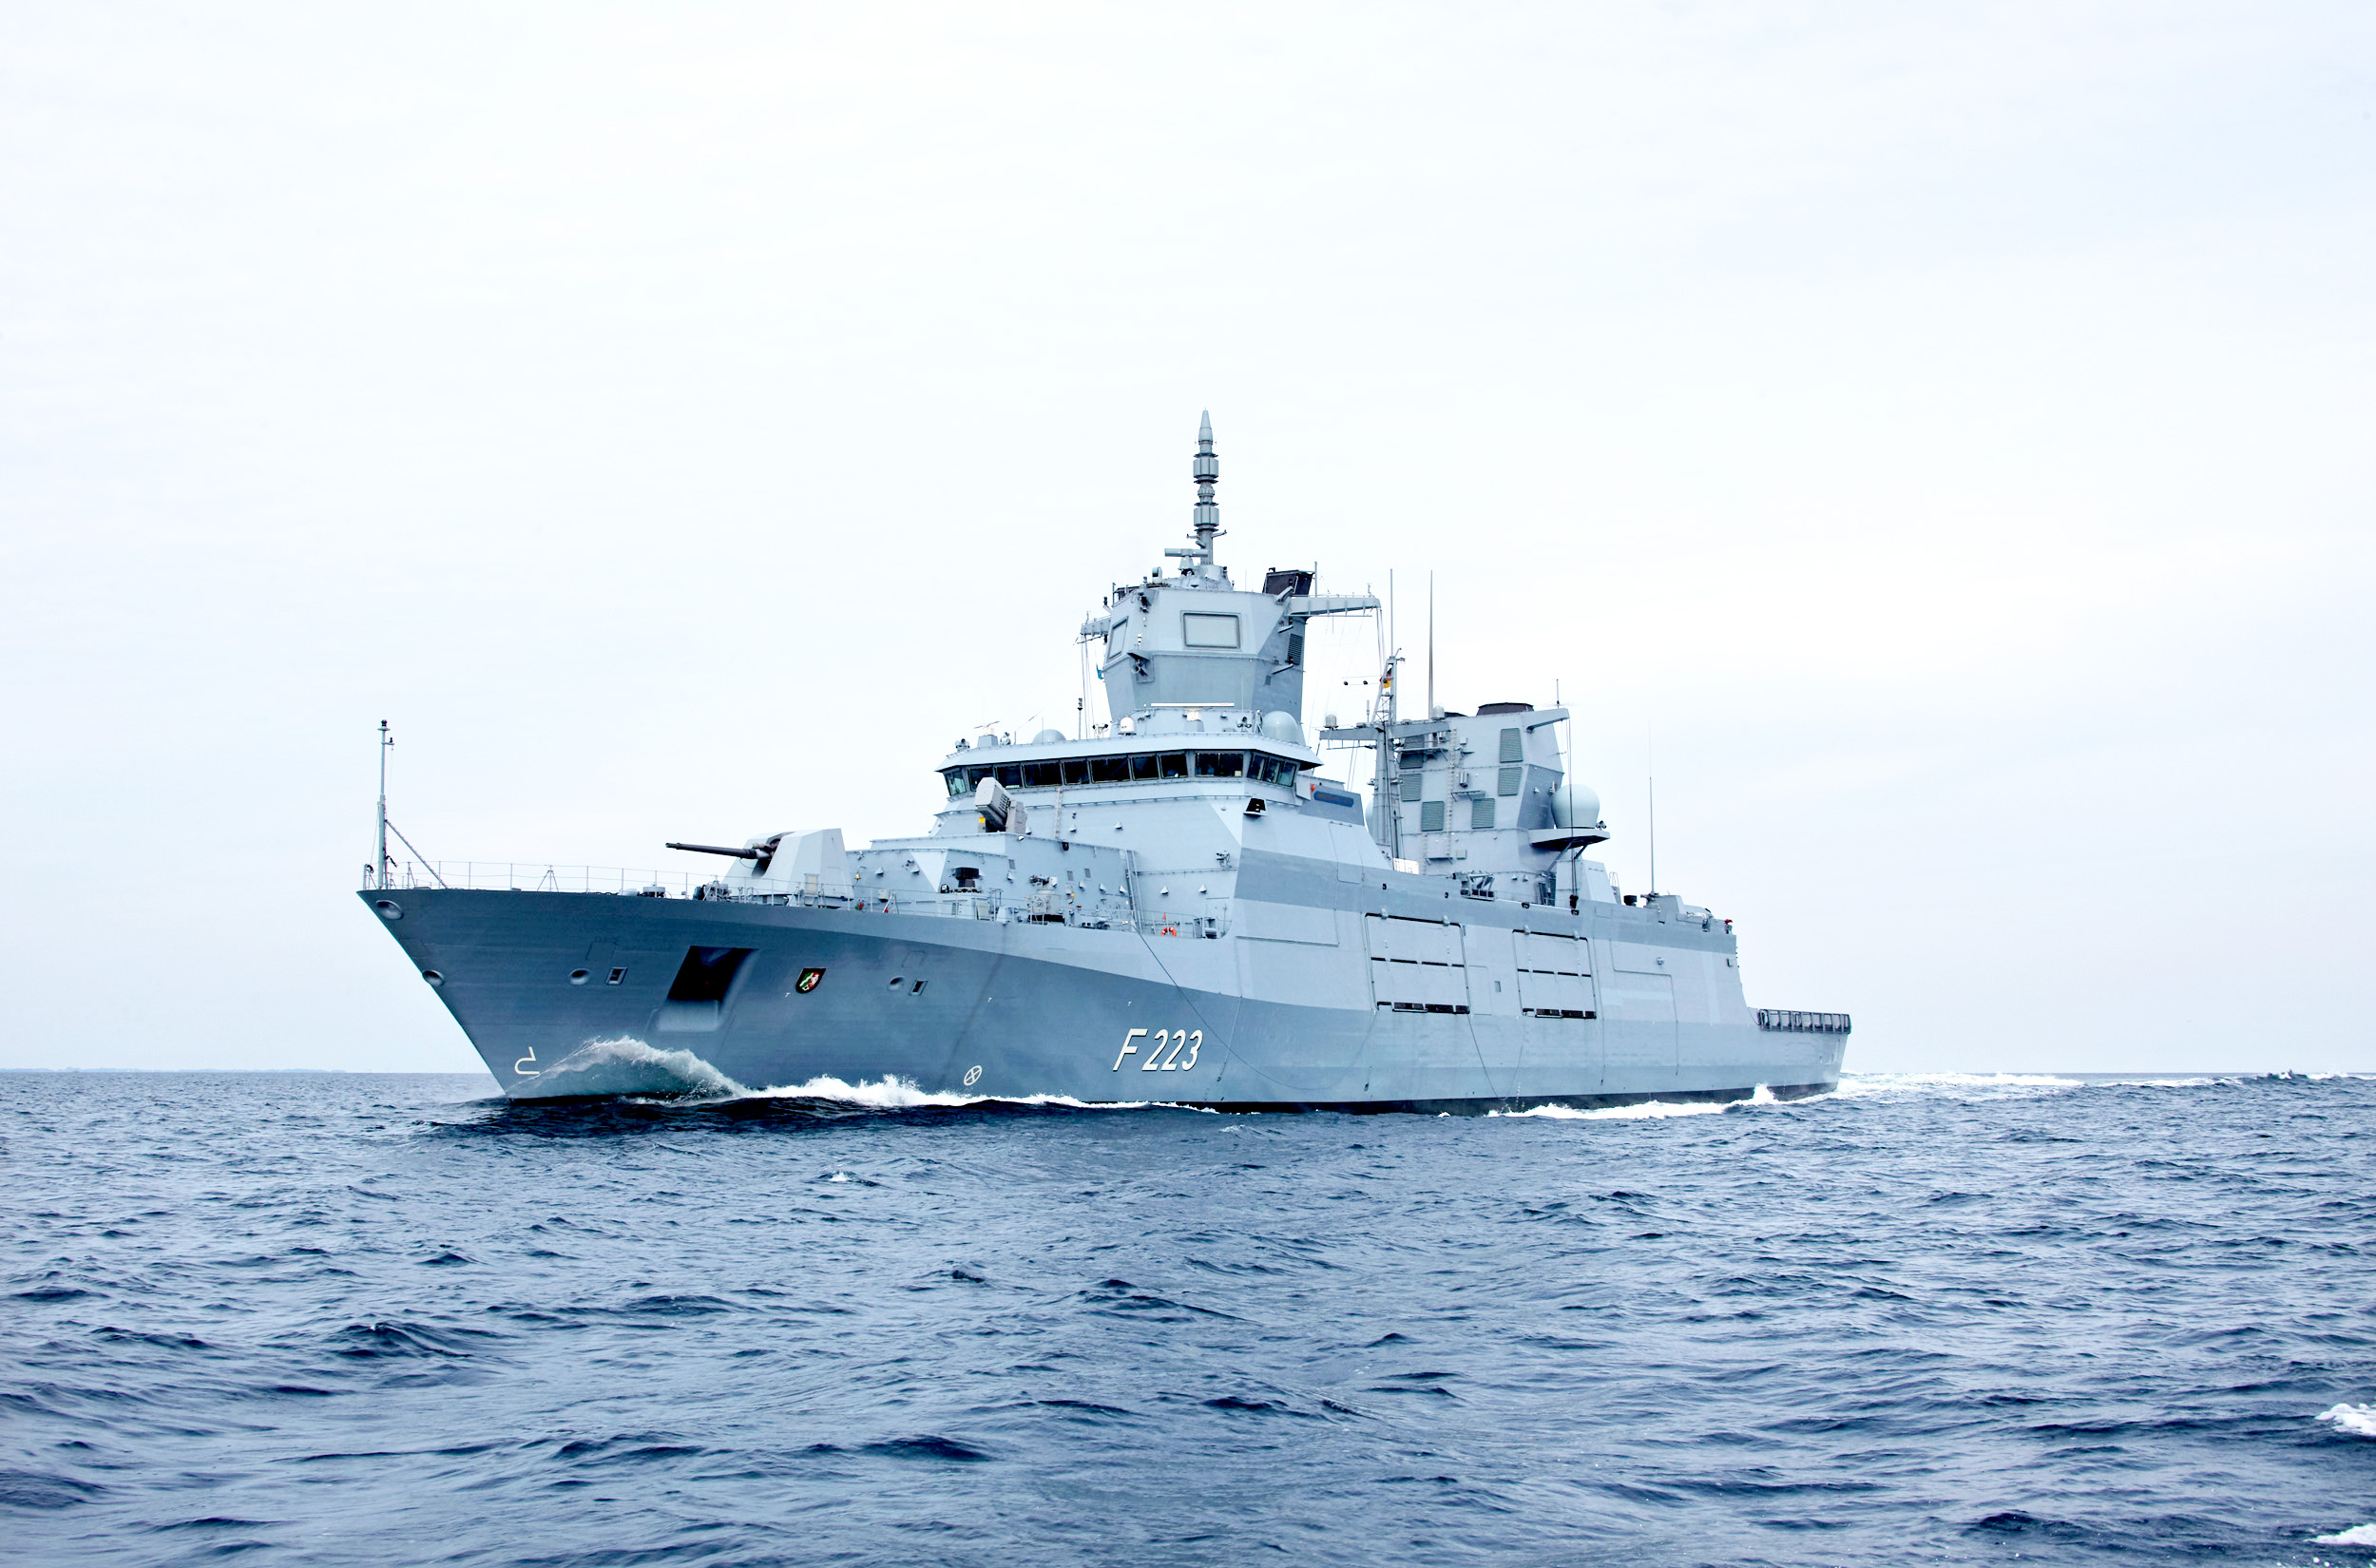 Blohm+Voss Class 125 Frigate Nordrhein-Westfalen (F223)